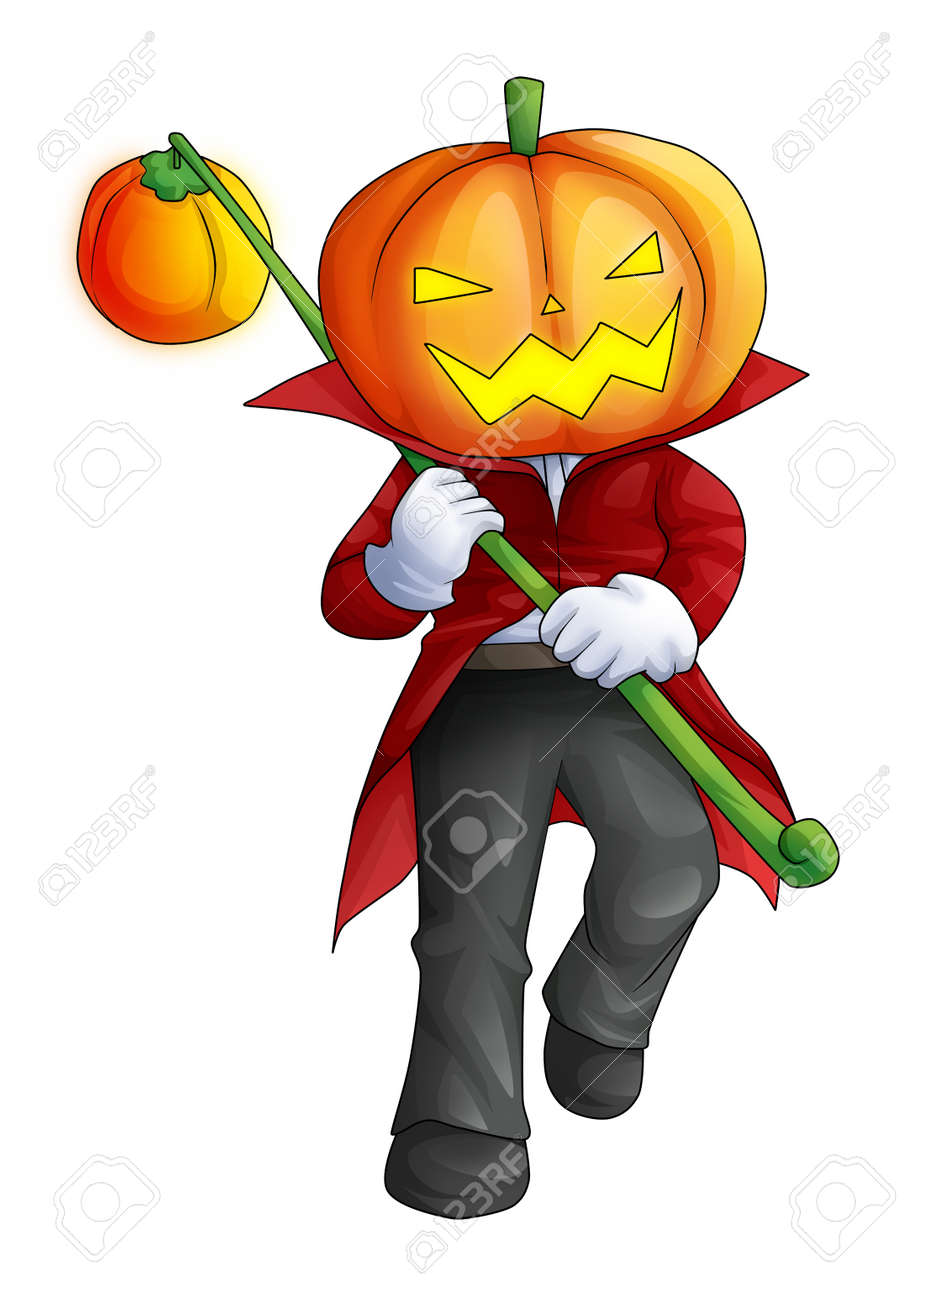 Cartoon illustration of Halloween ghost with pumpkin head Stock Illustration - 23572576